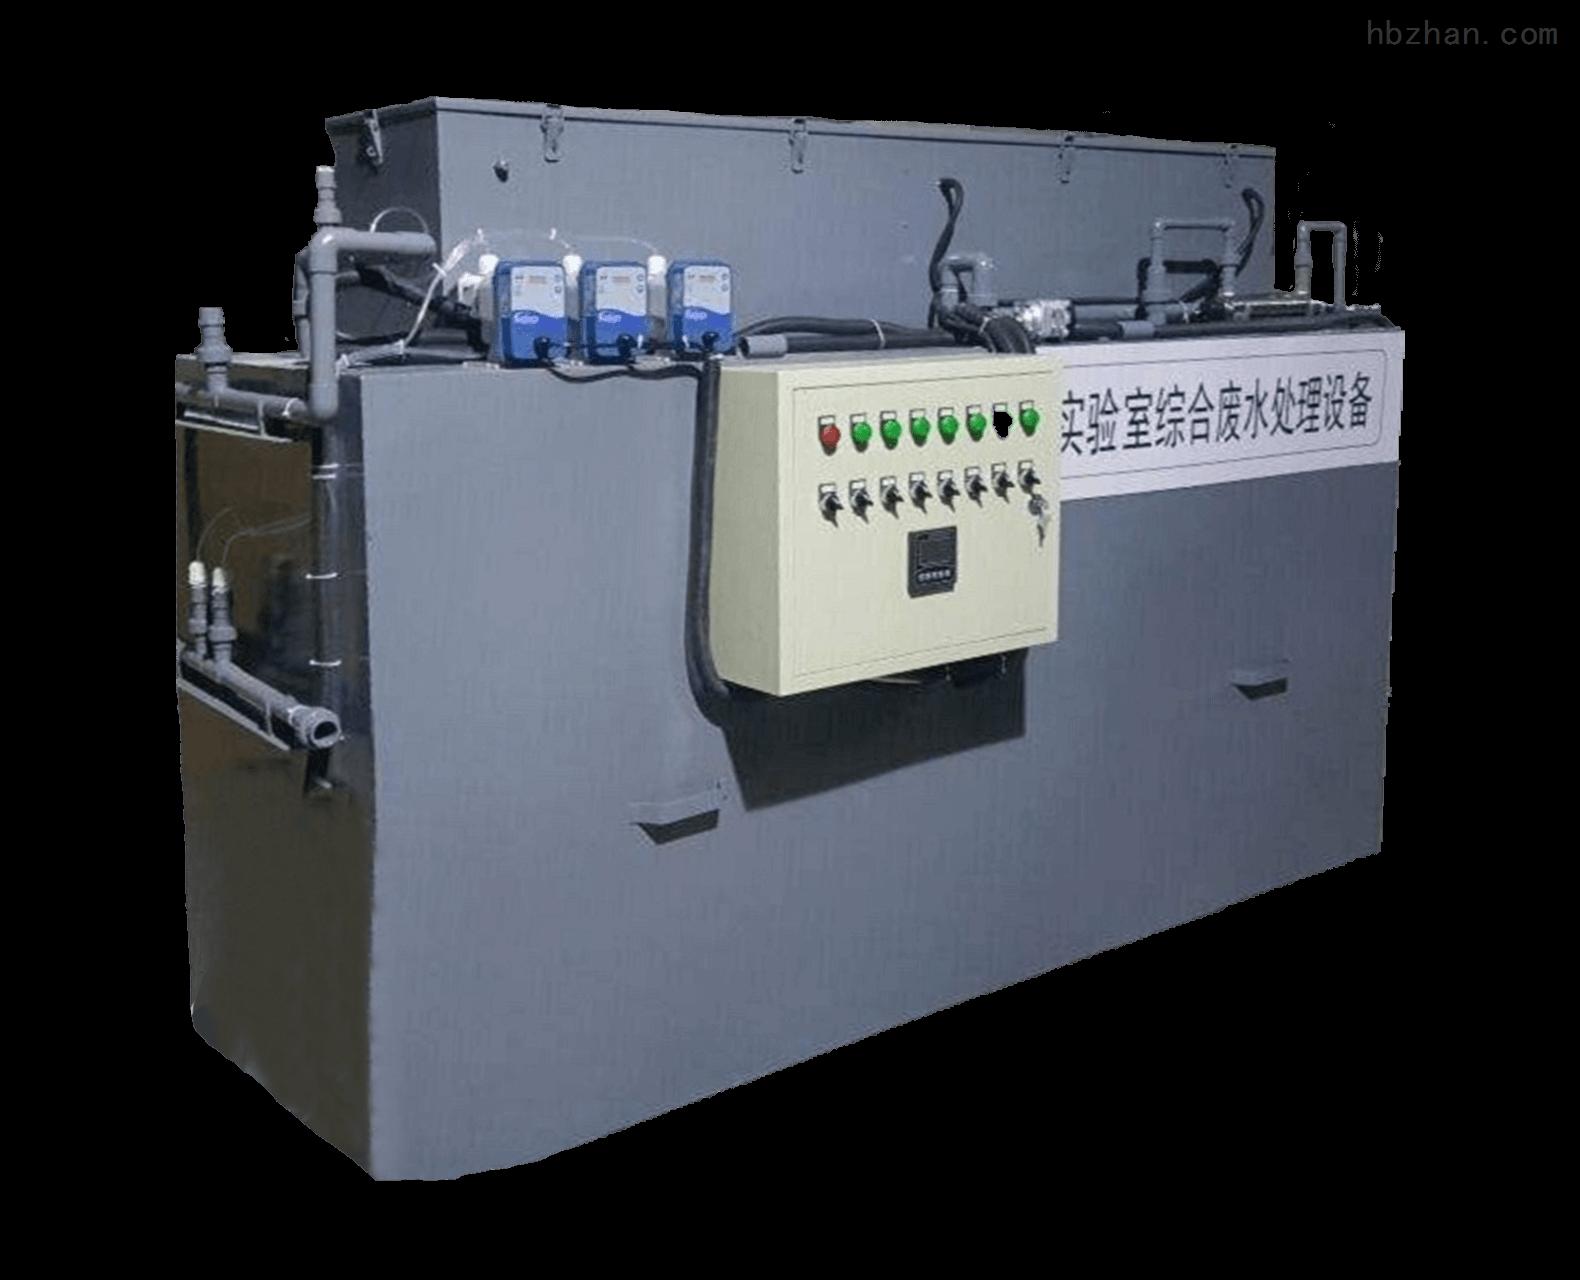 环保微生物实验室污水处理设备怎么安装